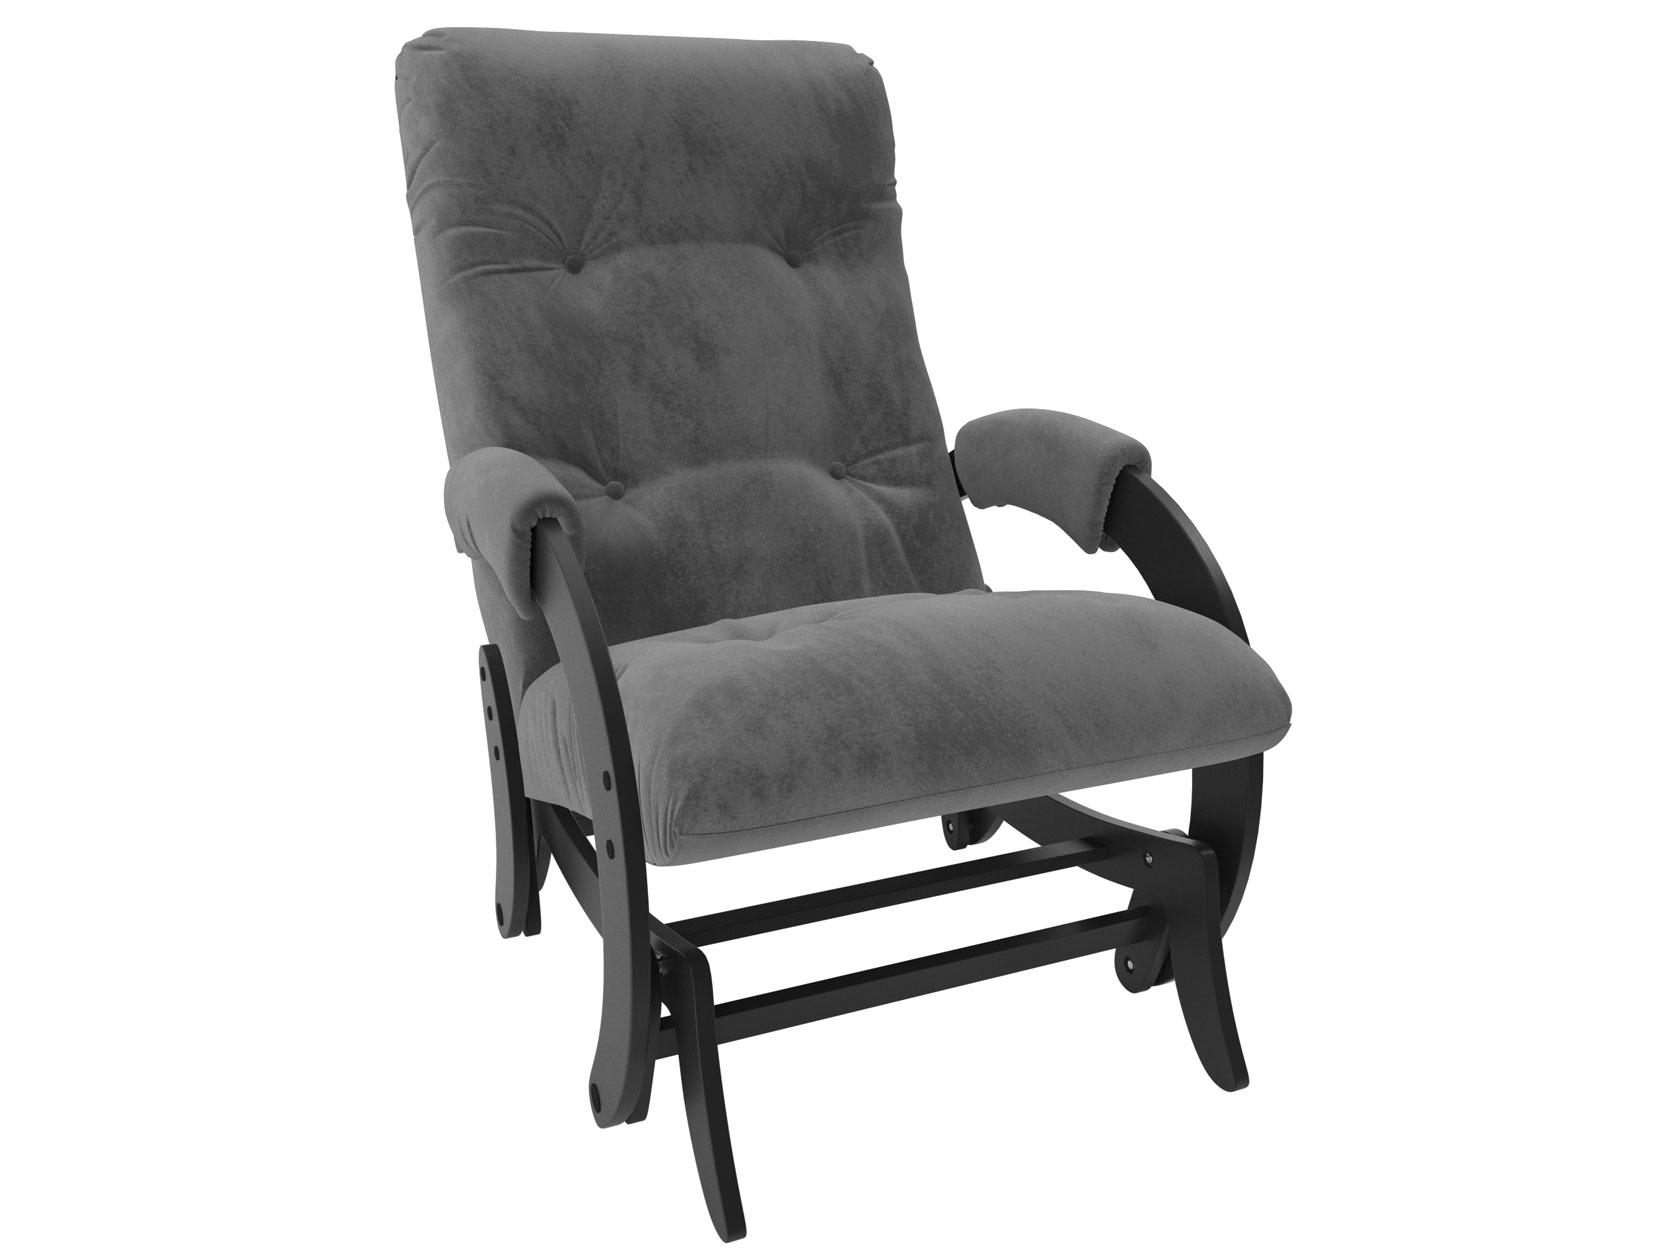 Кресло-глайдер 150-78645